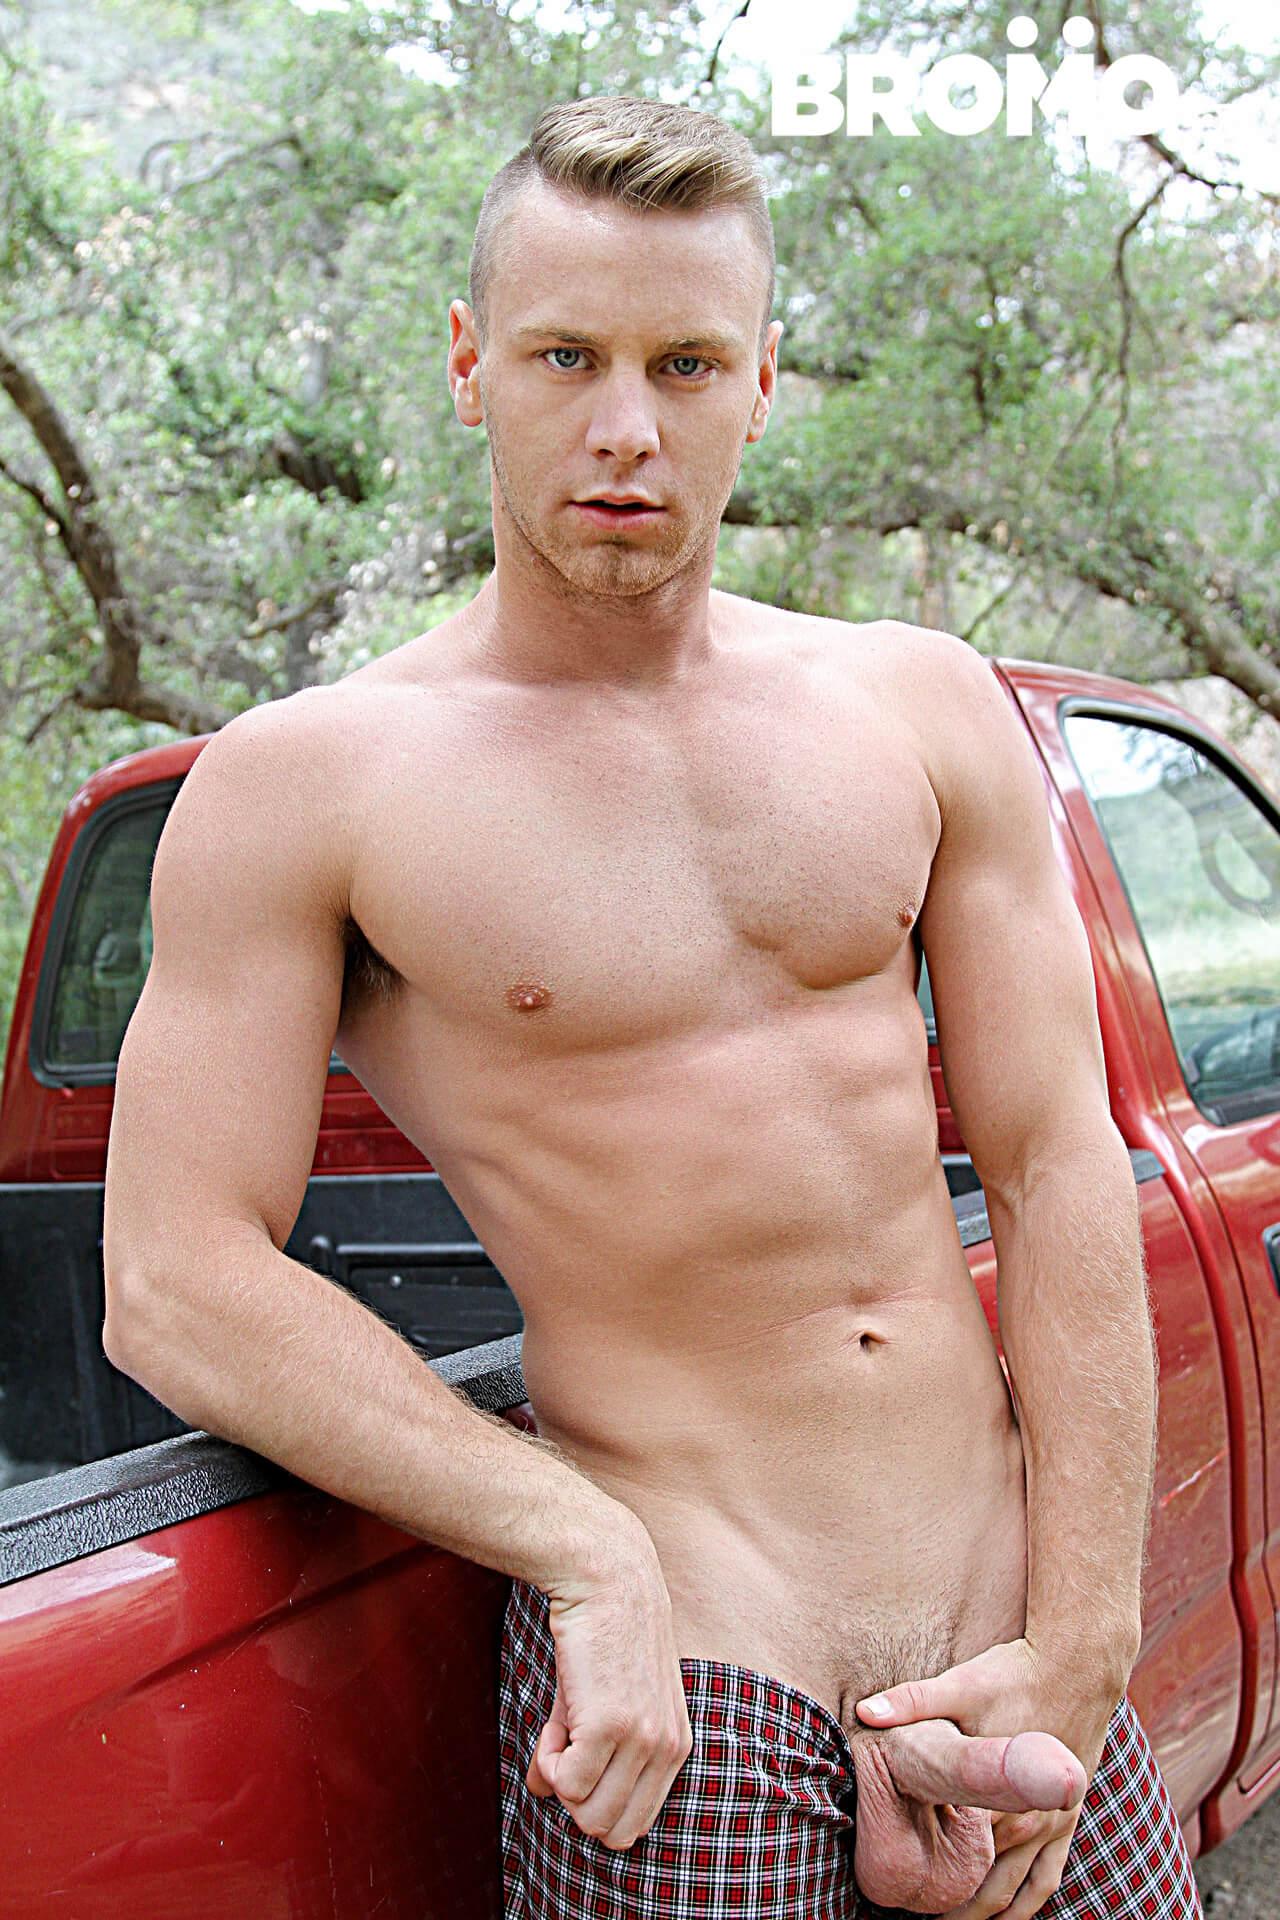 Tobias fuck Brandon Evans gay hot daddy dude men porn Rednecks